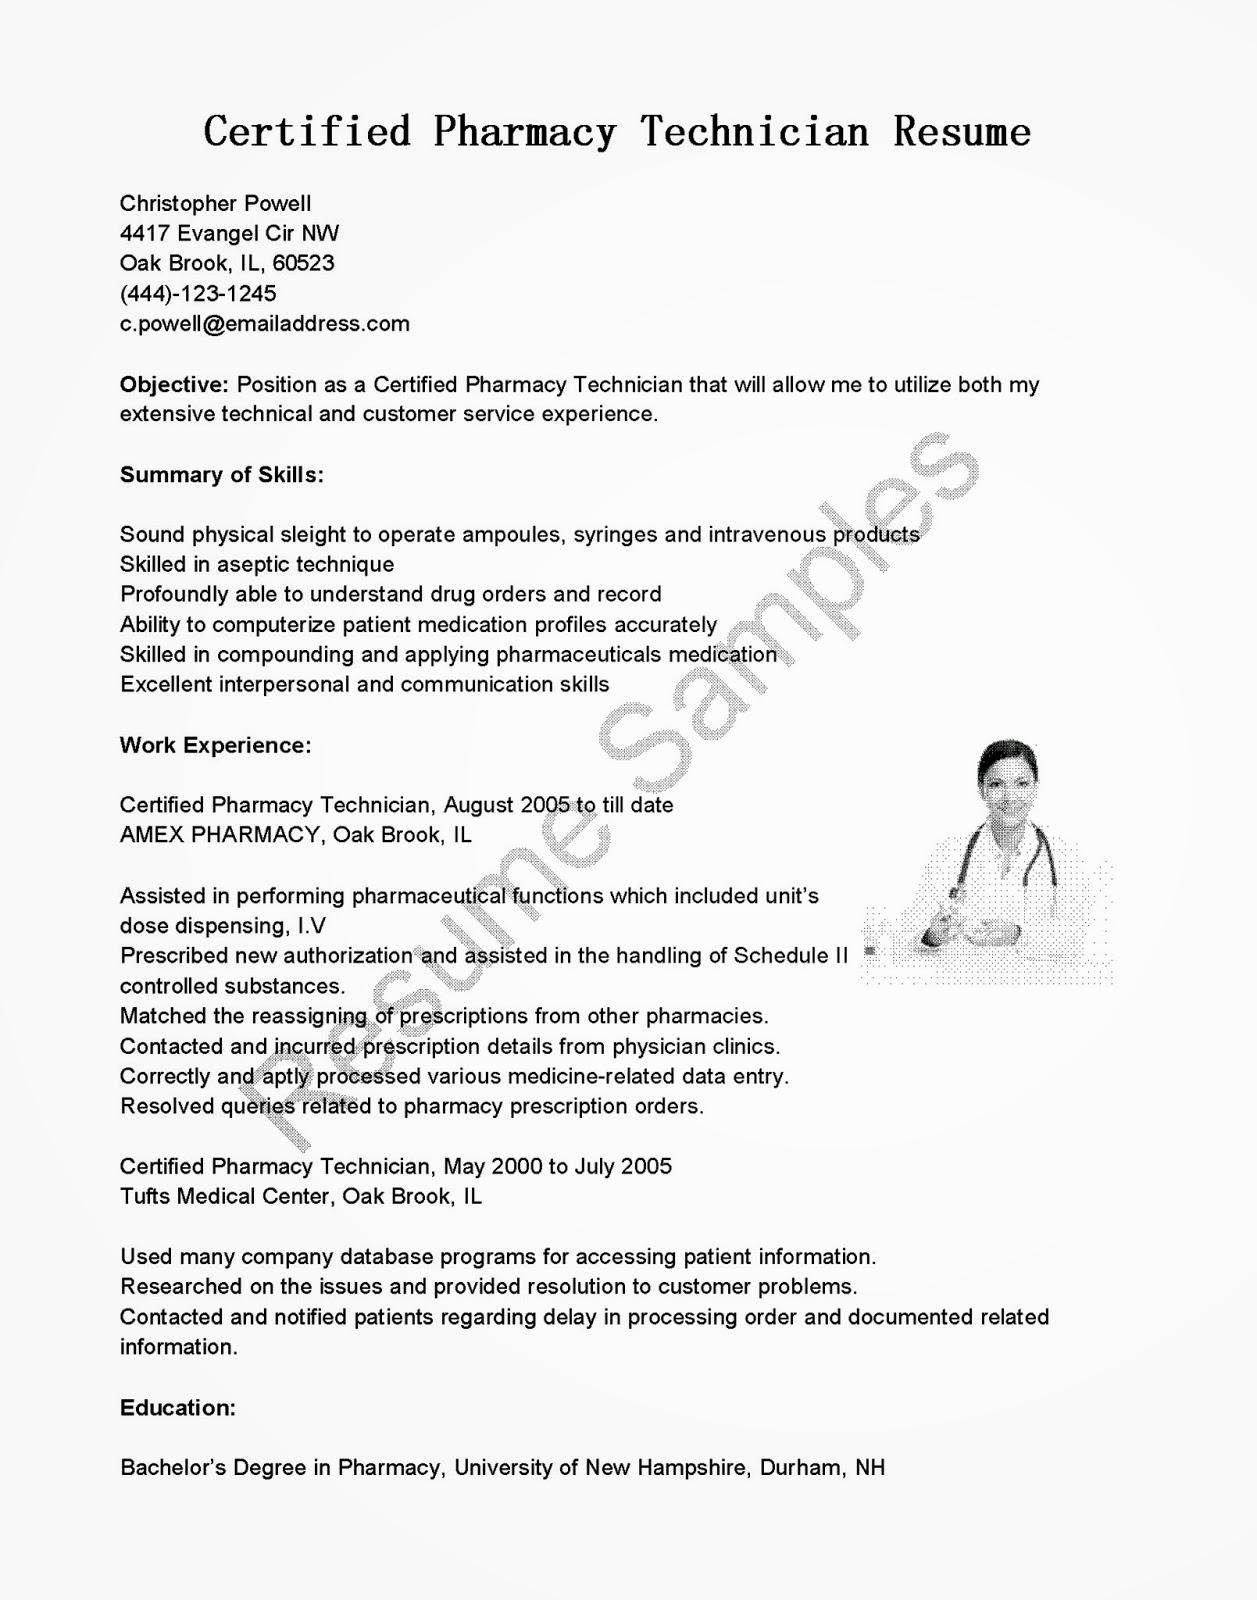 Pharmacy Tech Resume Samples Best Of Resume Samples Certified Pharmacy Technician Resume Sample